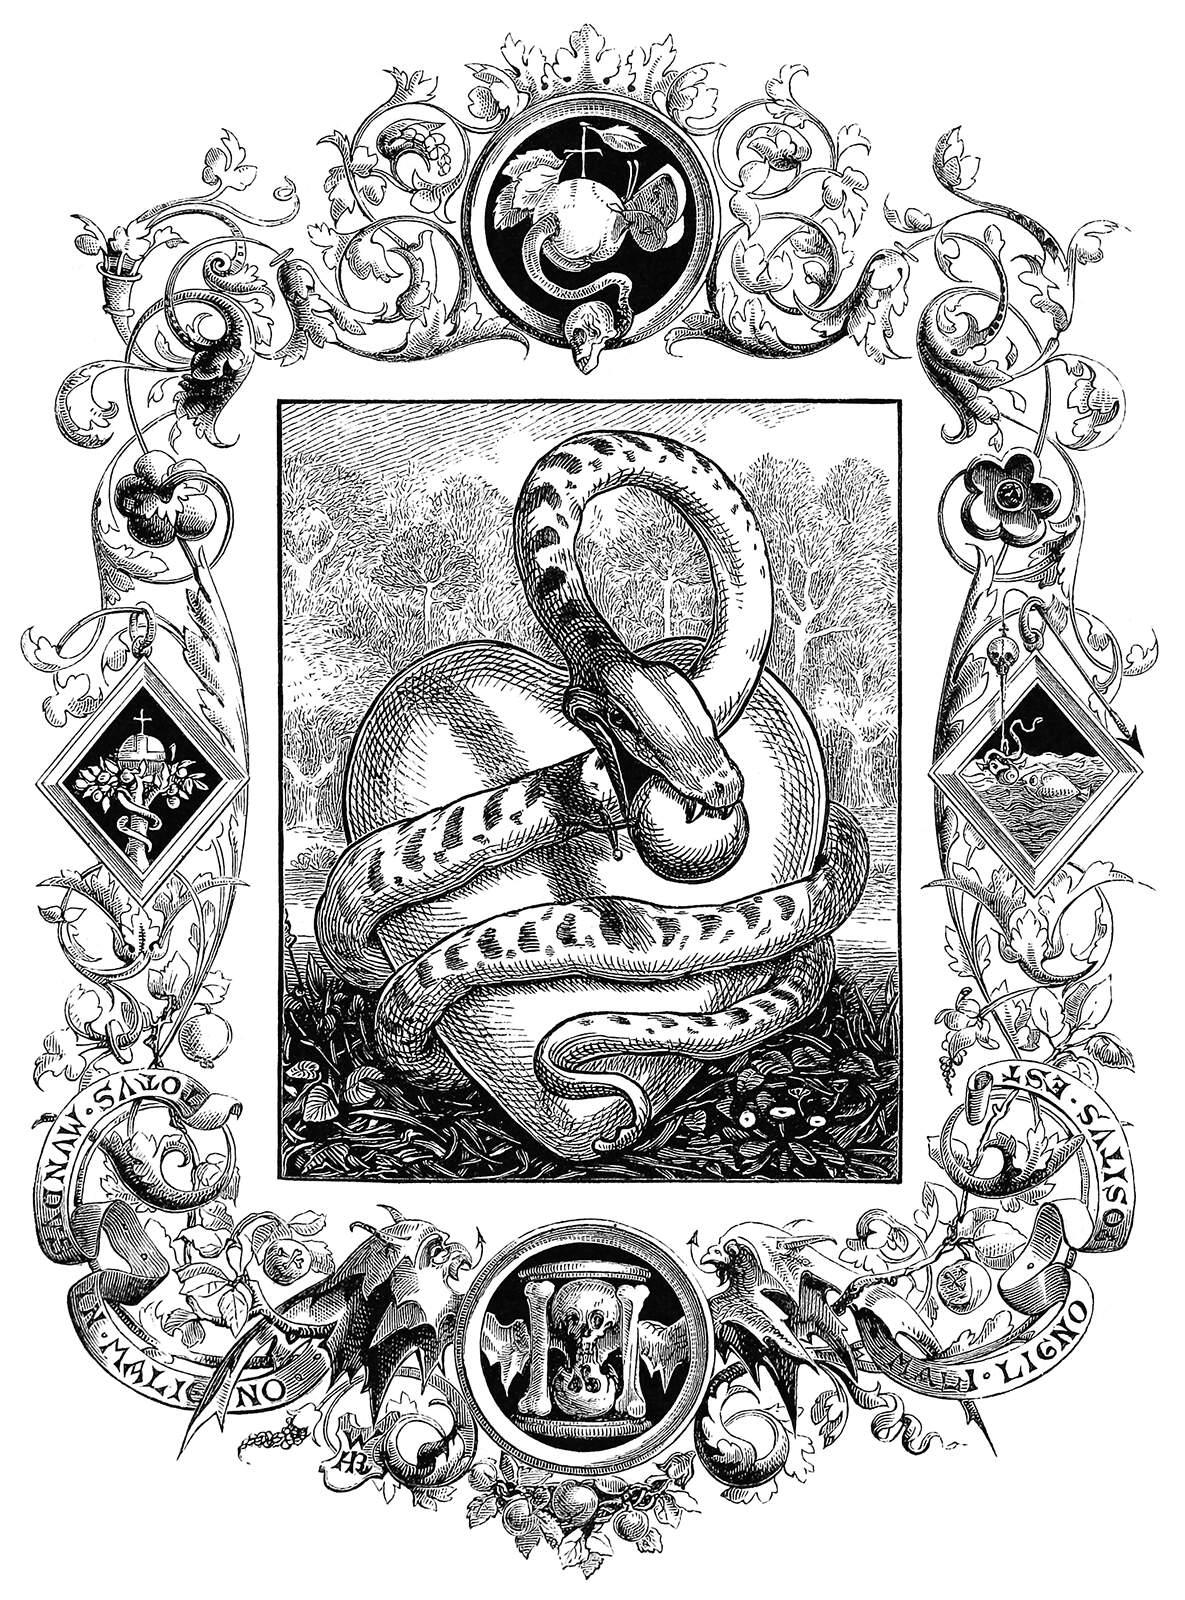 serpent-1600.jpg (1185×1600)